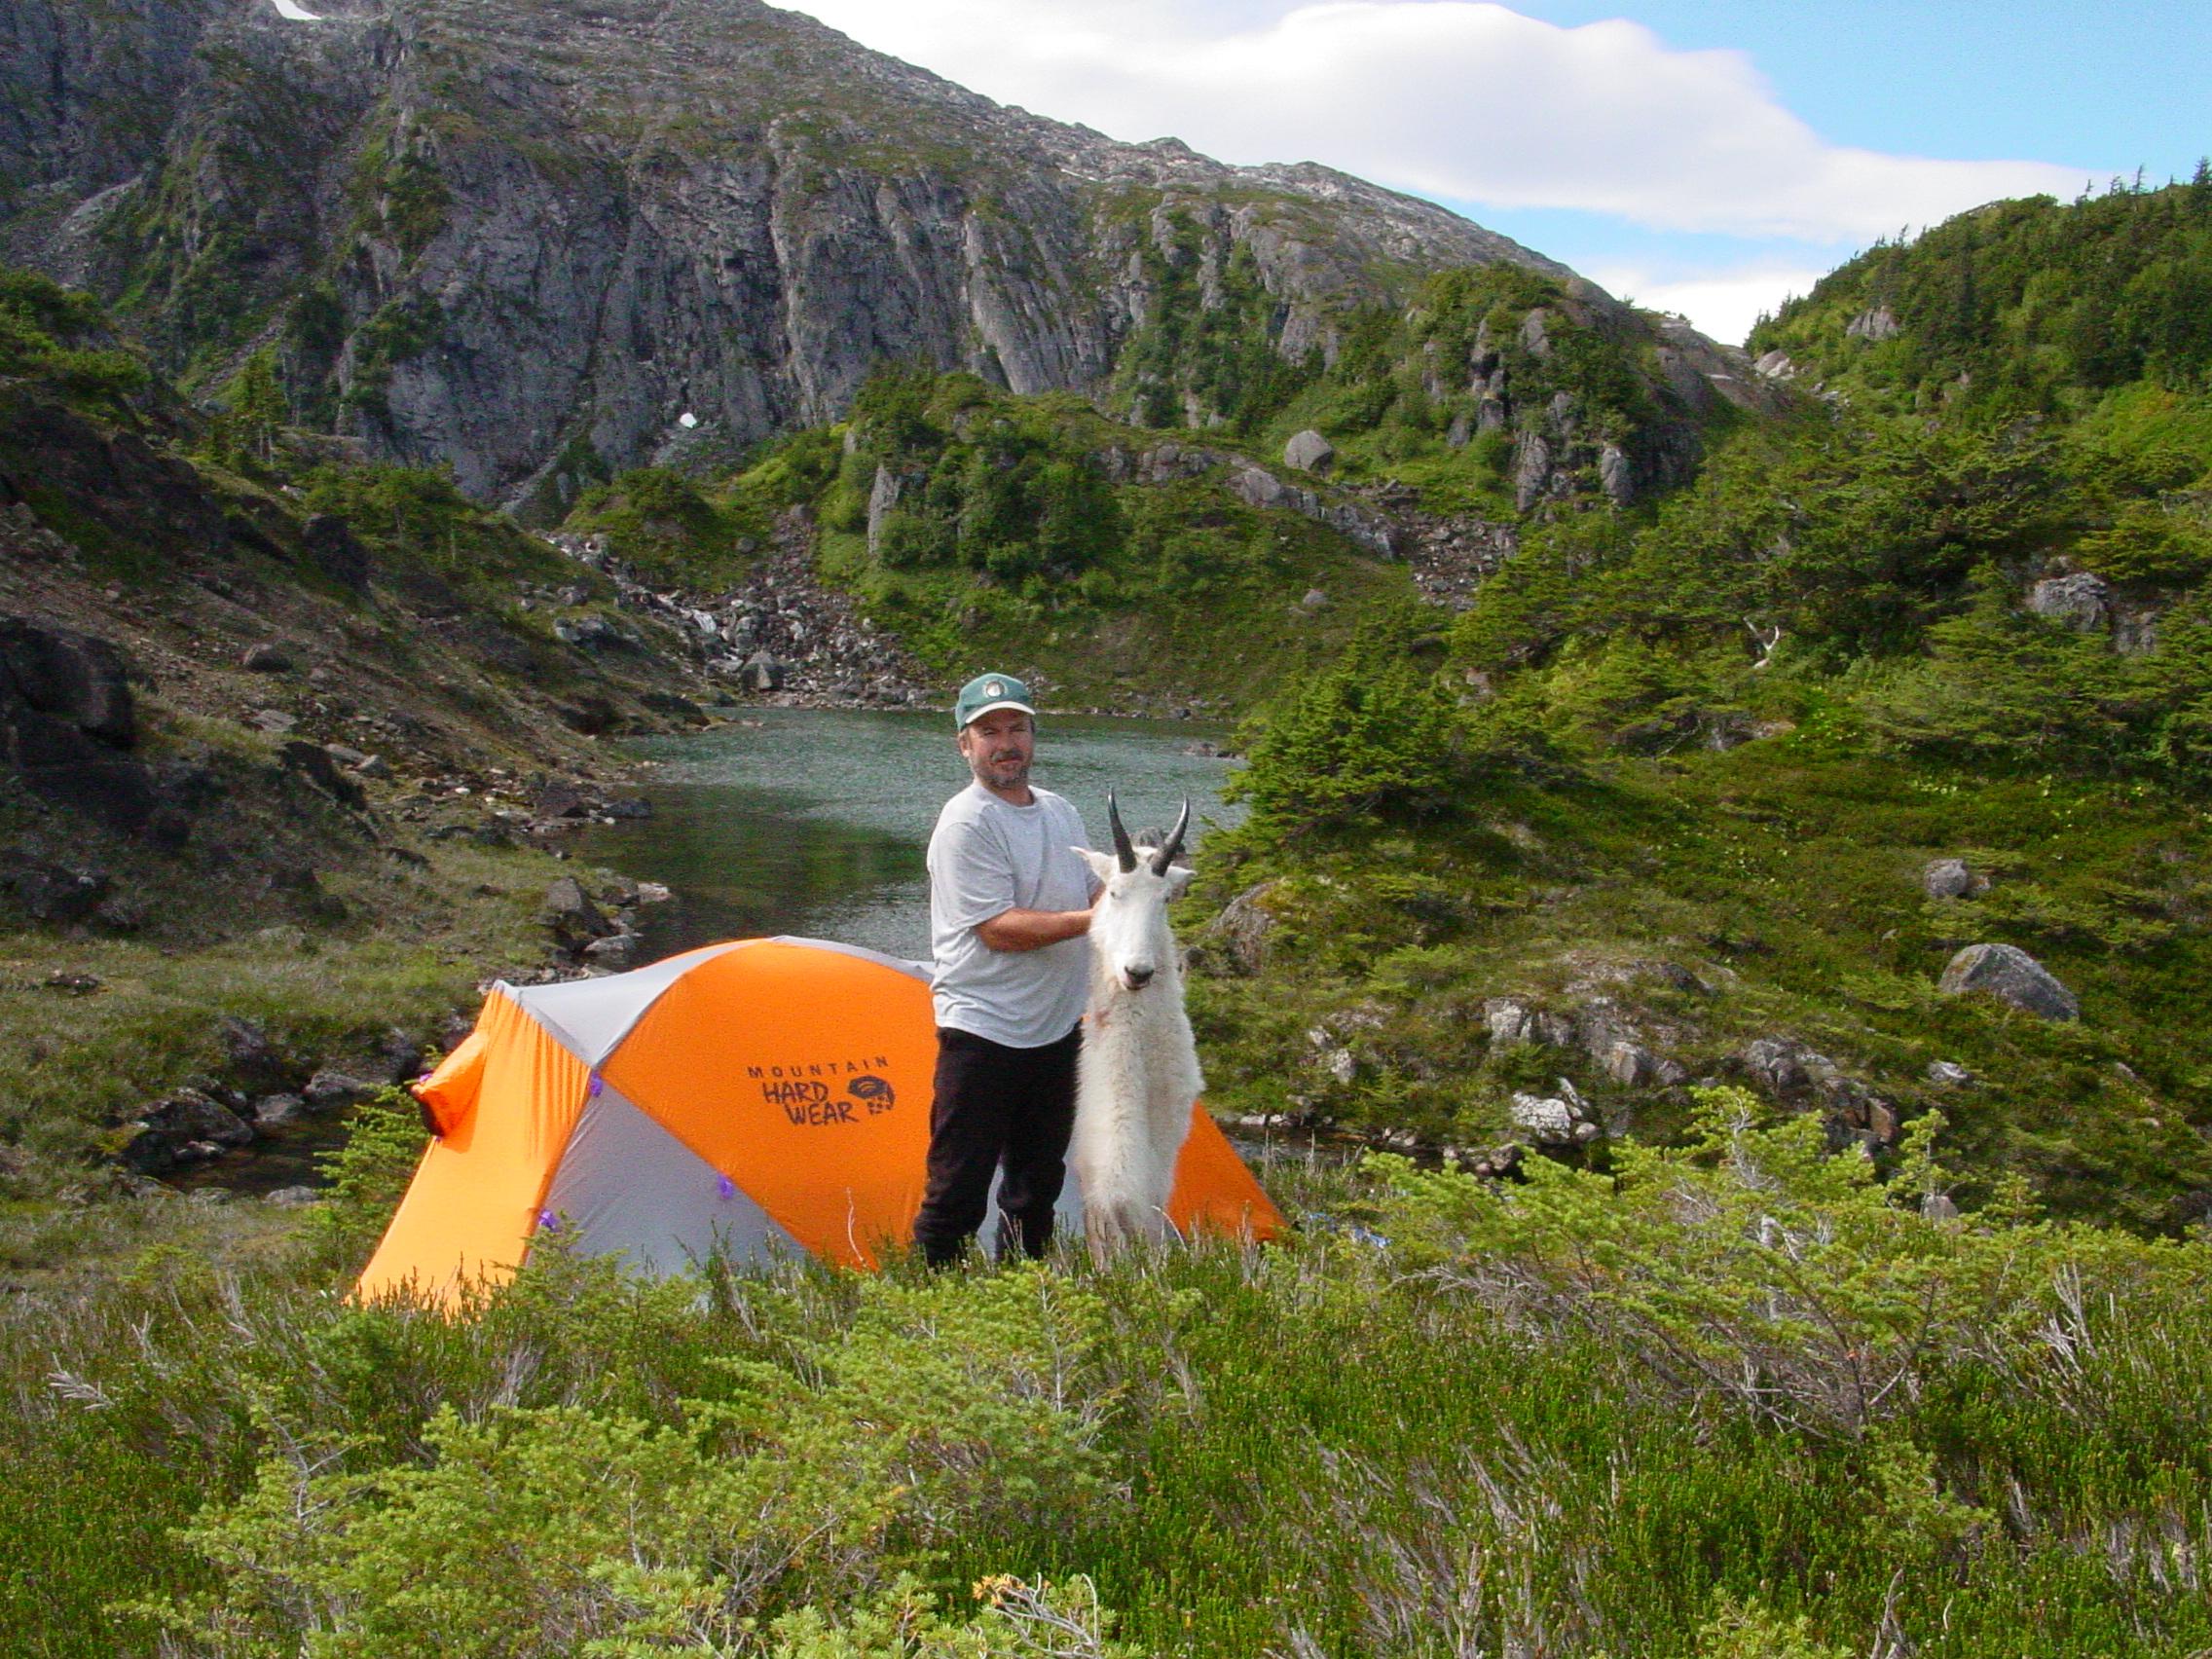 Roy Hisler Sept 2002 Stikine River 022.jpg